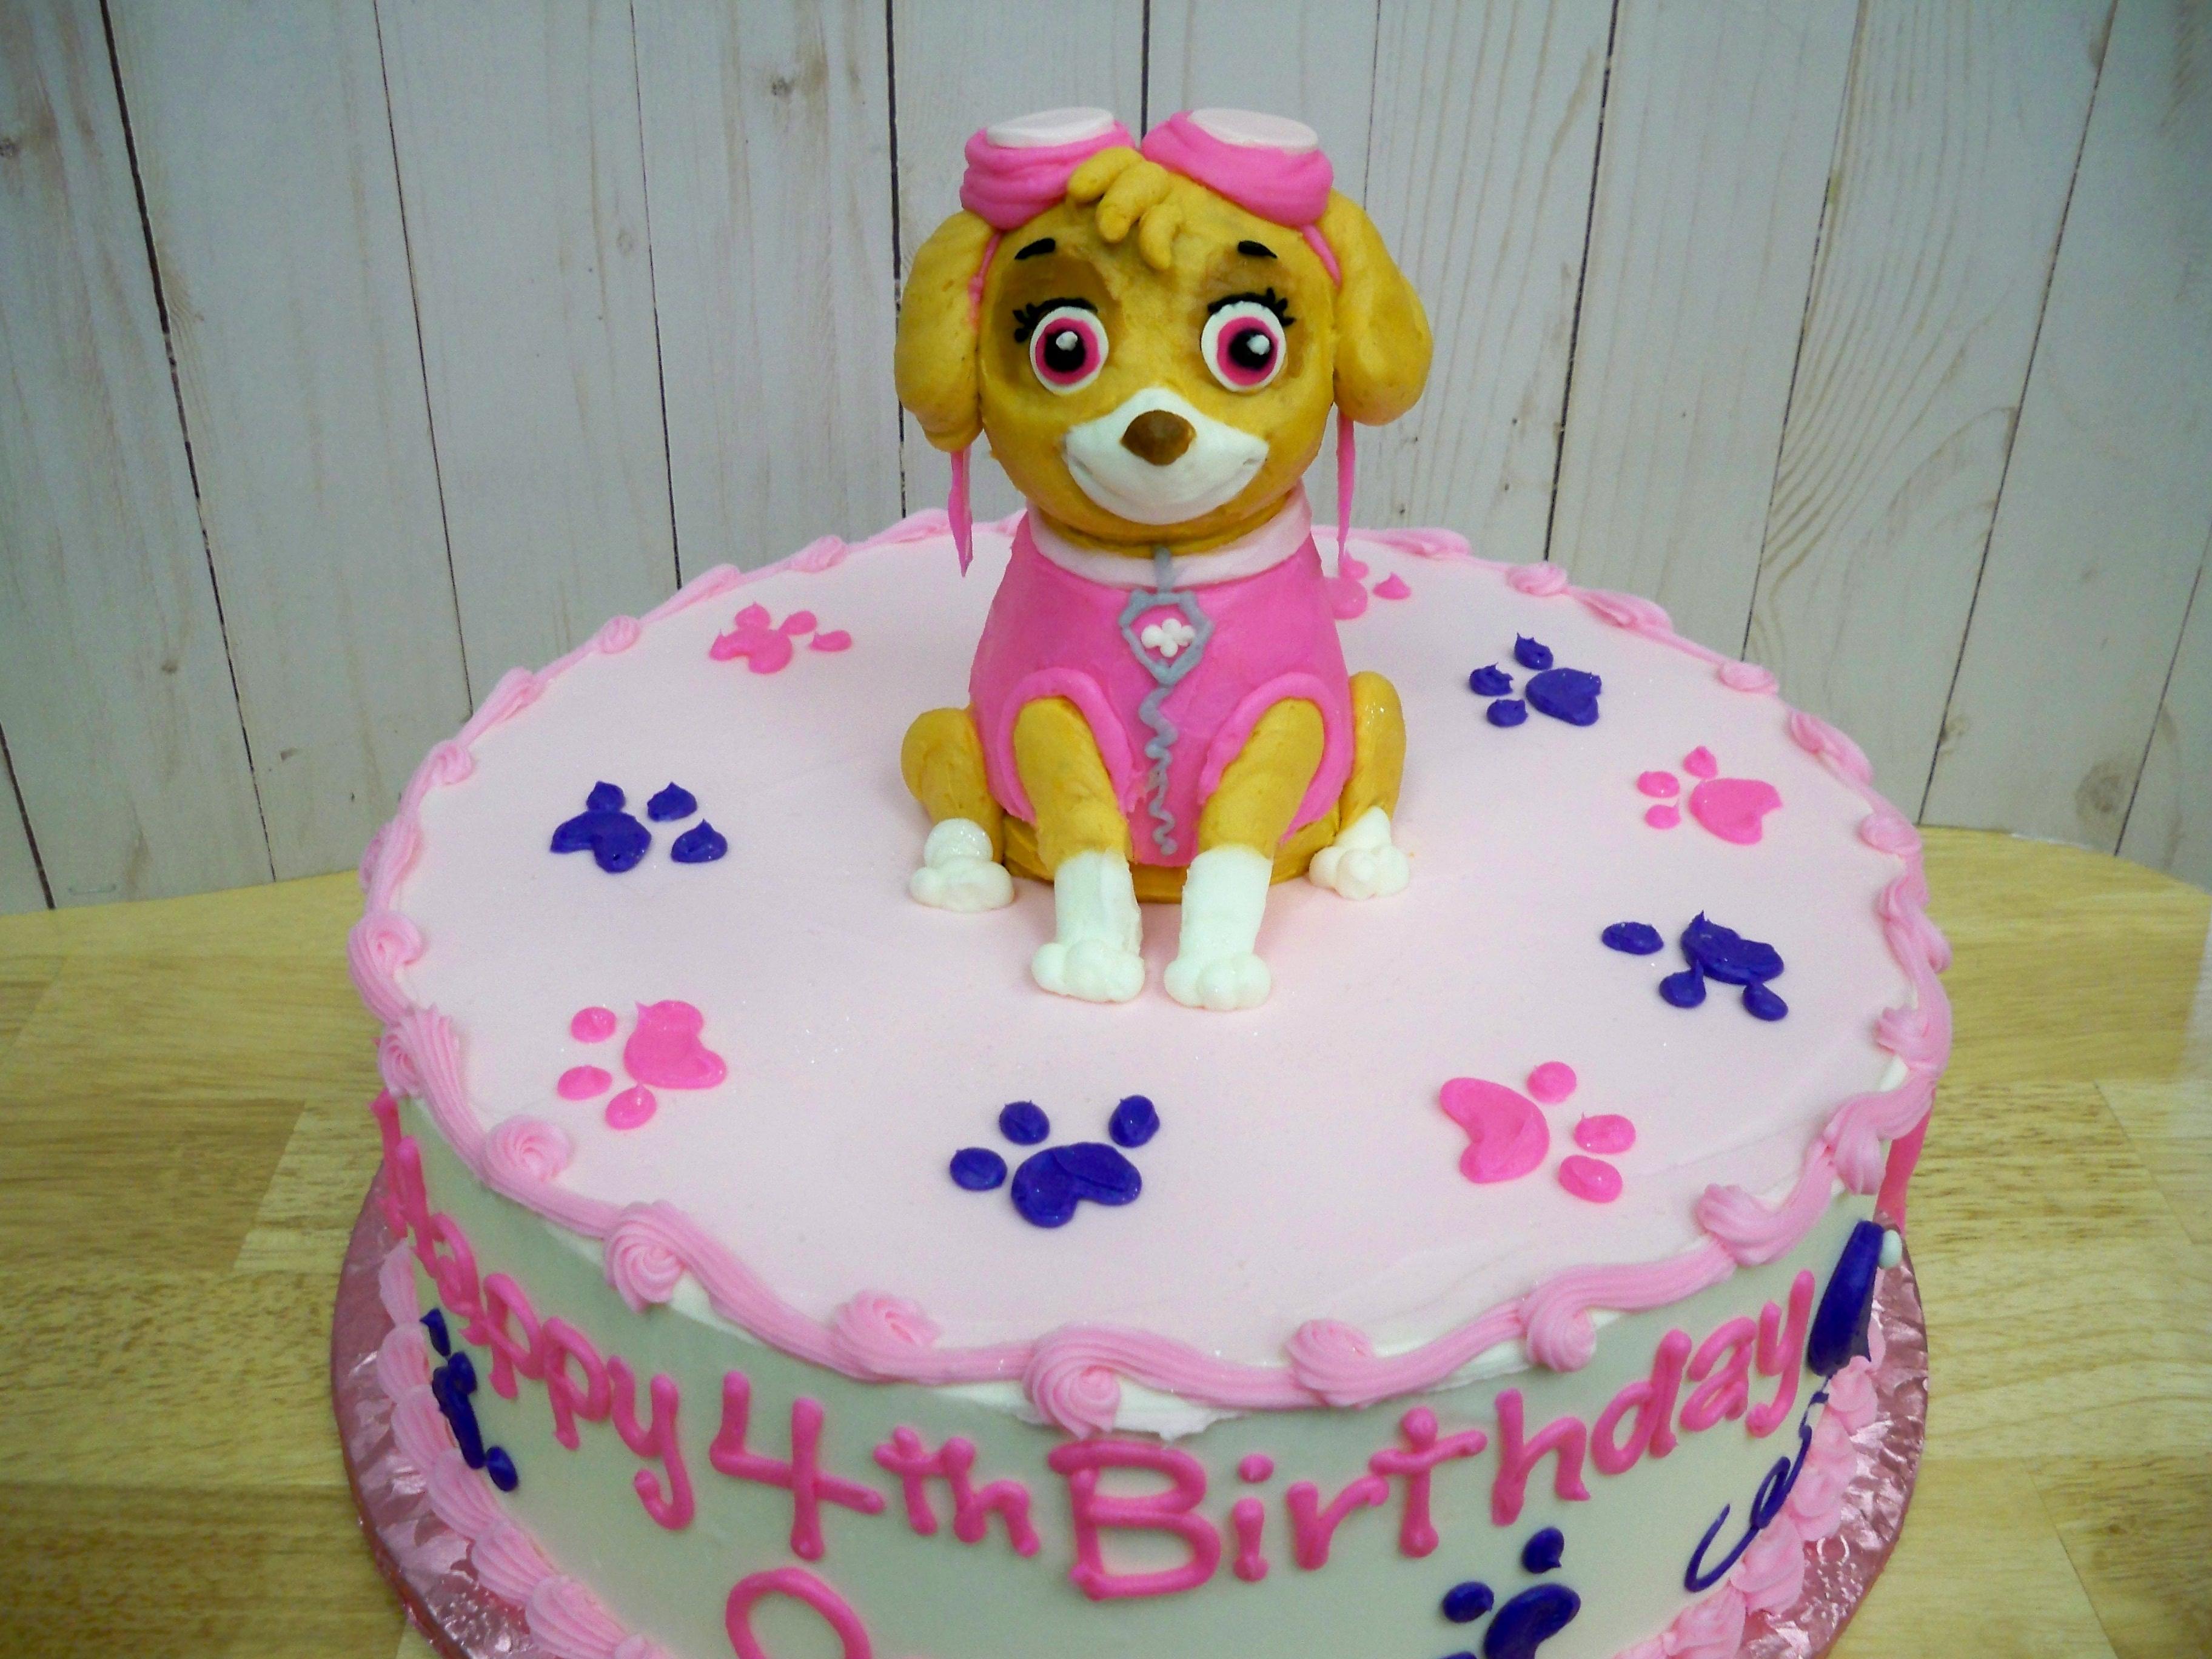 Paw Patrol cake, sky cake